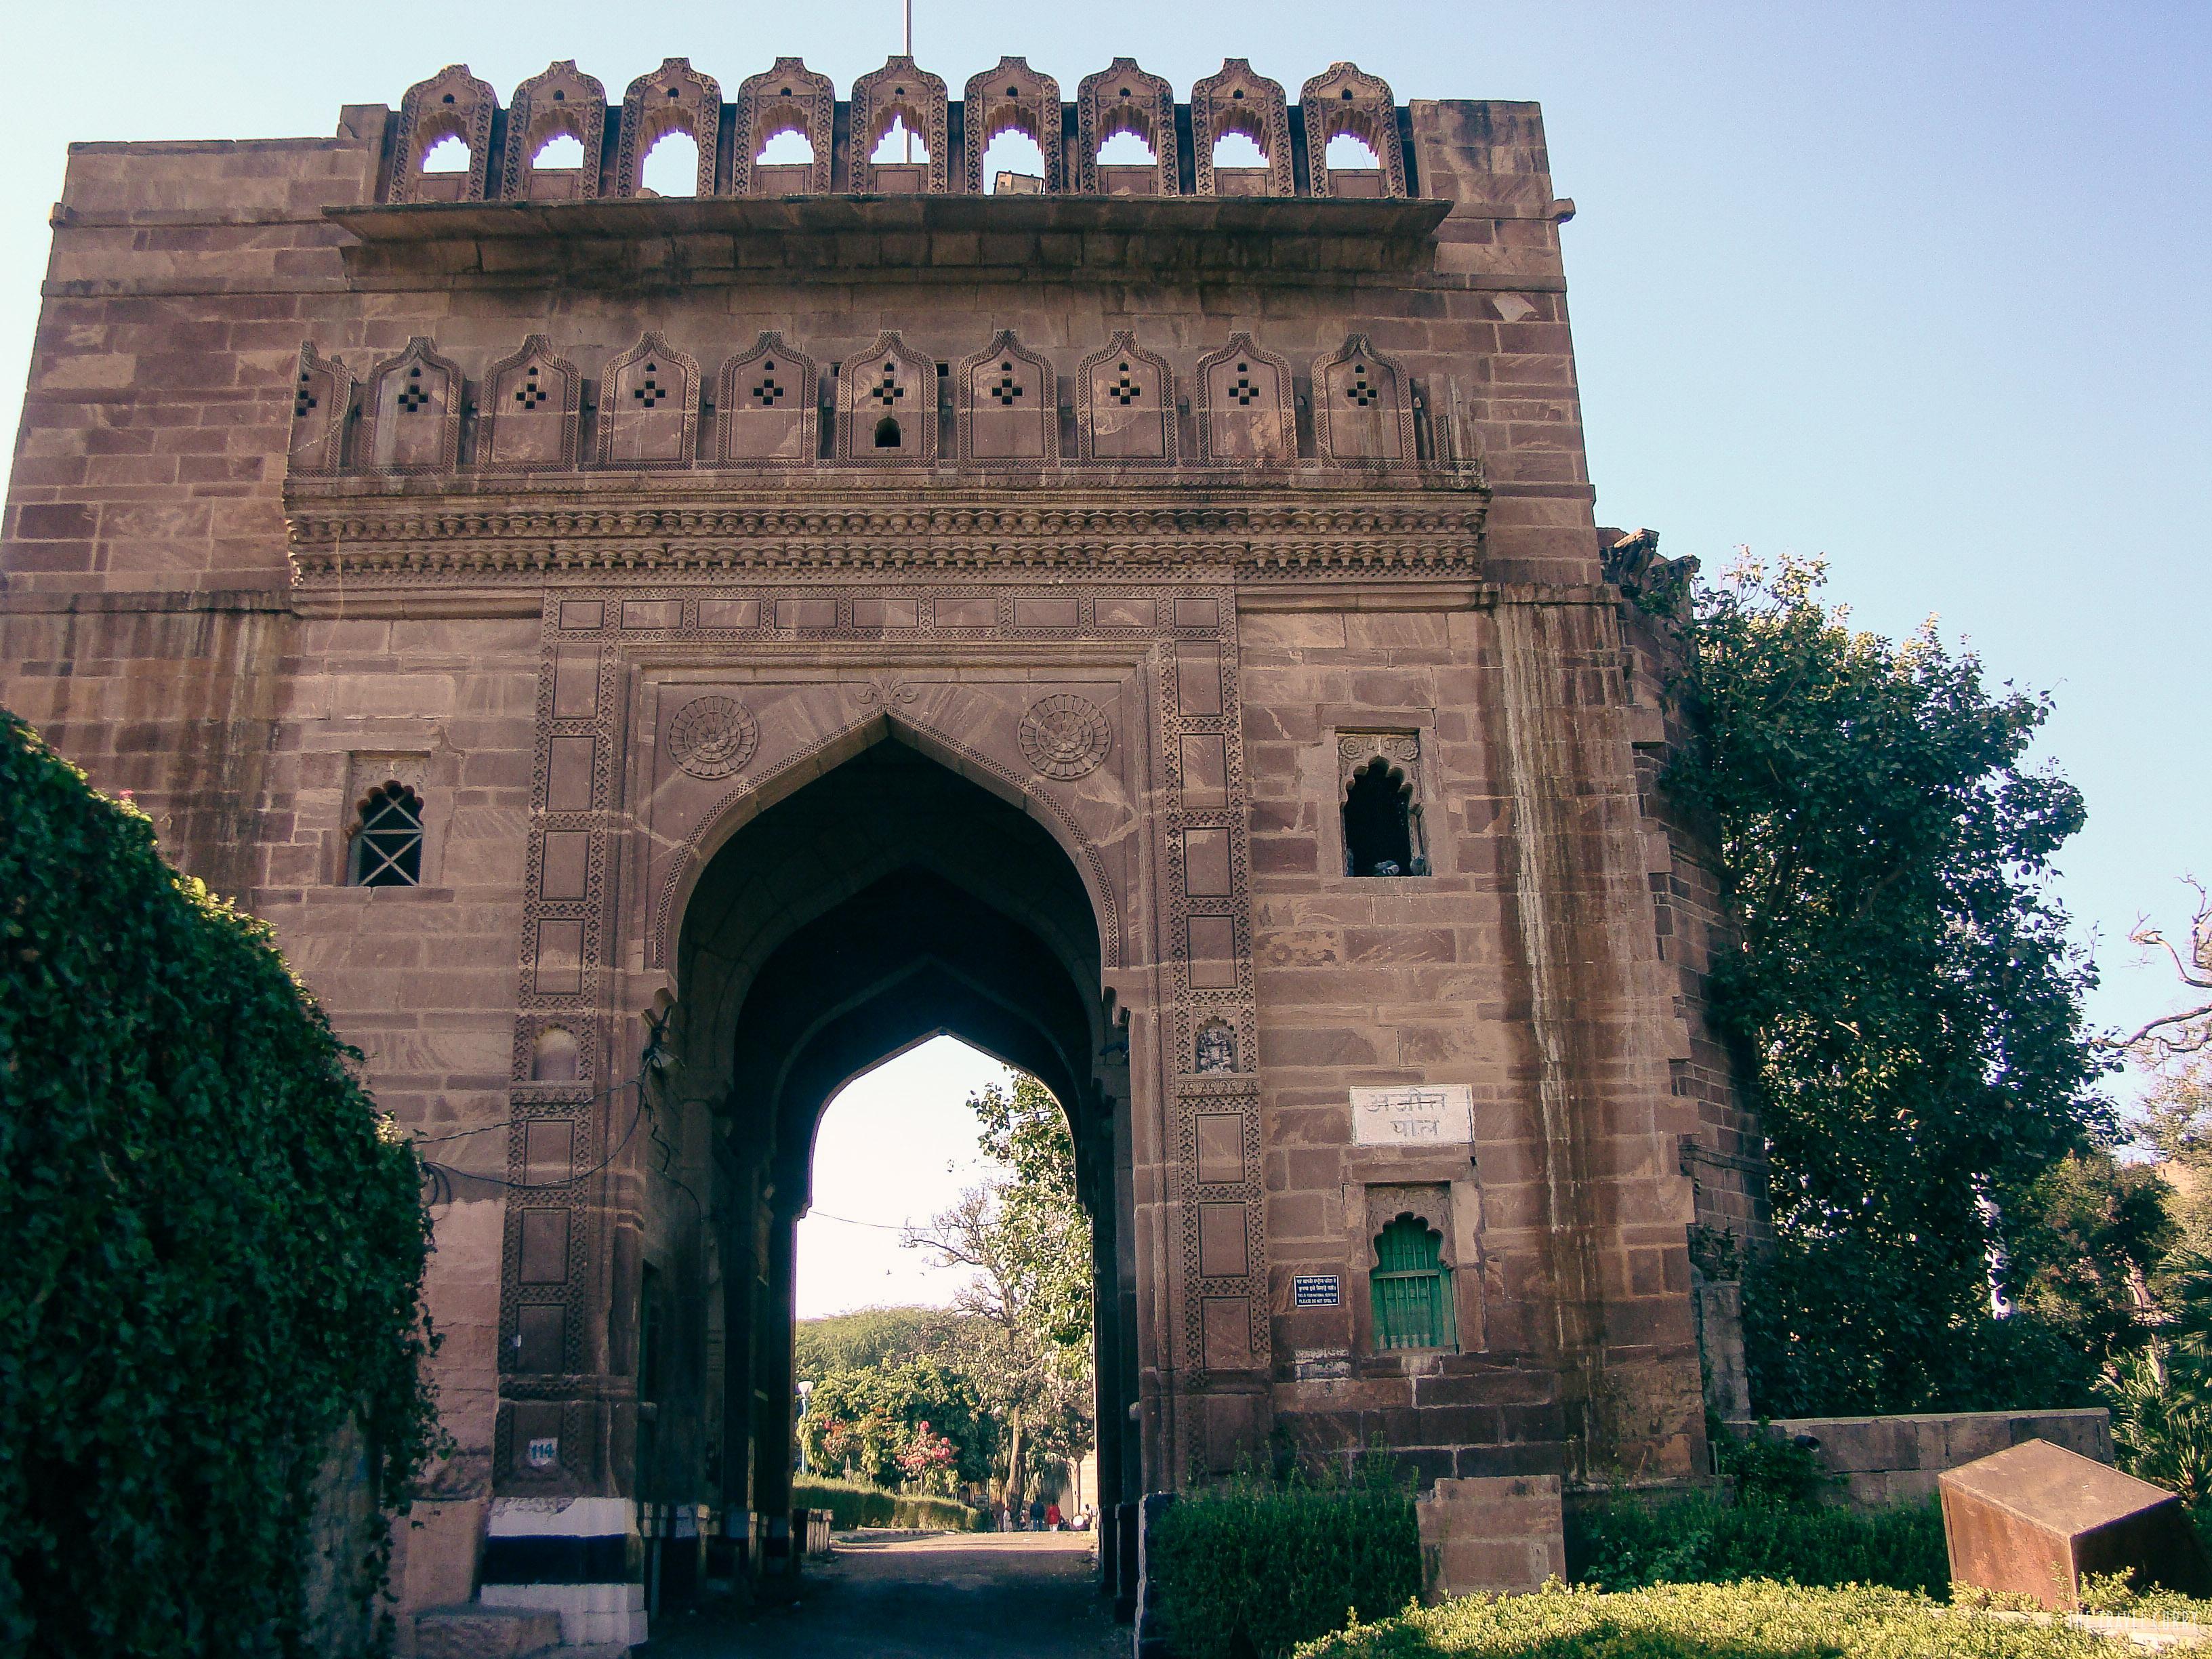 Mandore Garden's entrance way